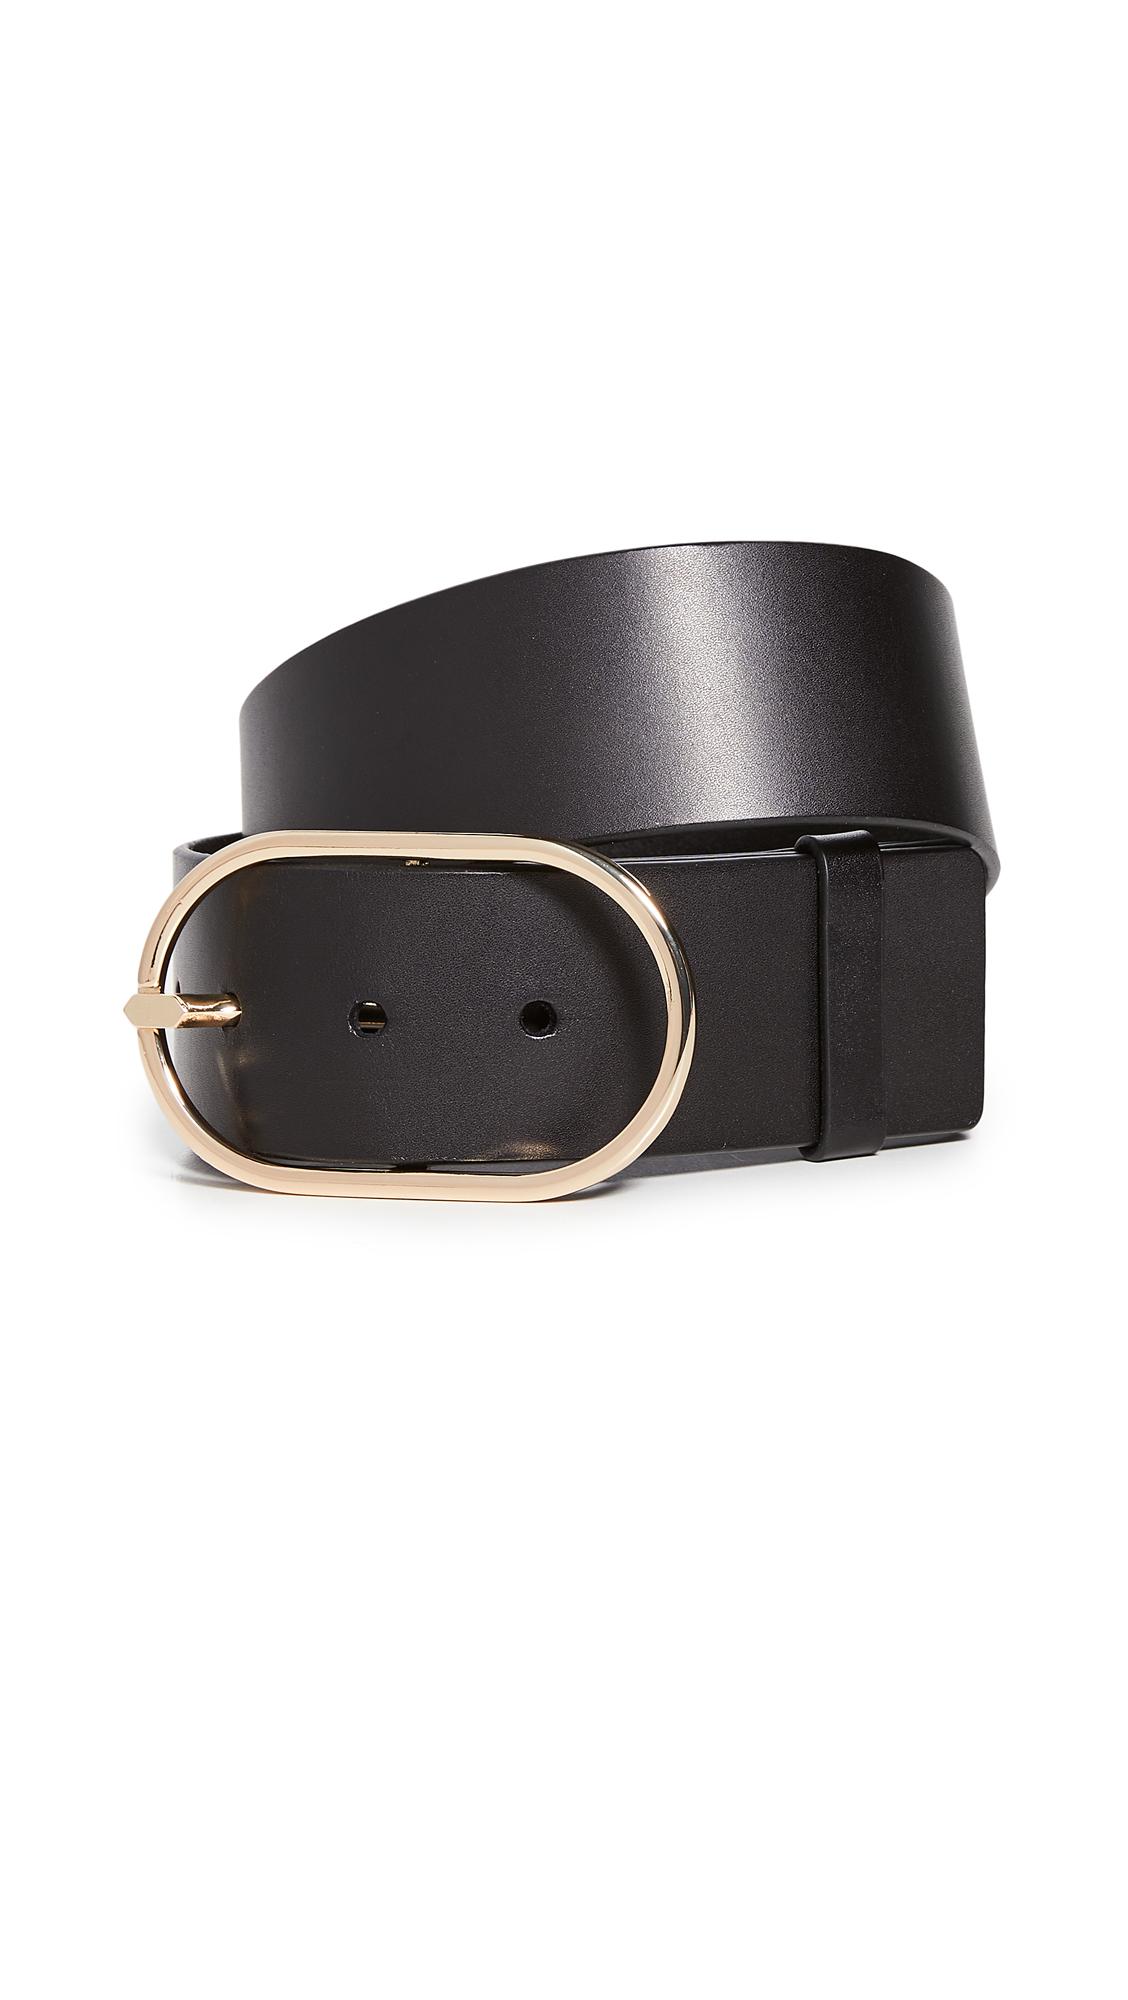 Frame Belts GRAND OVAL BUCKLE BELT